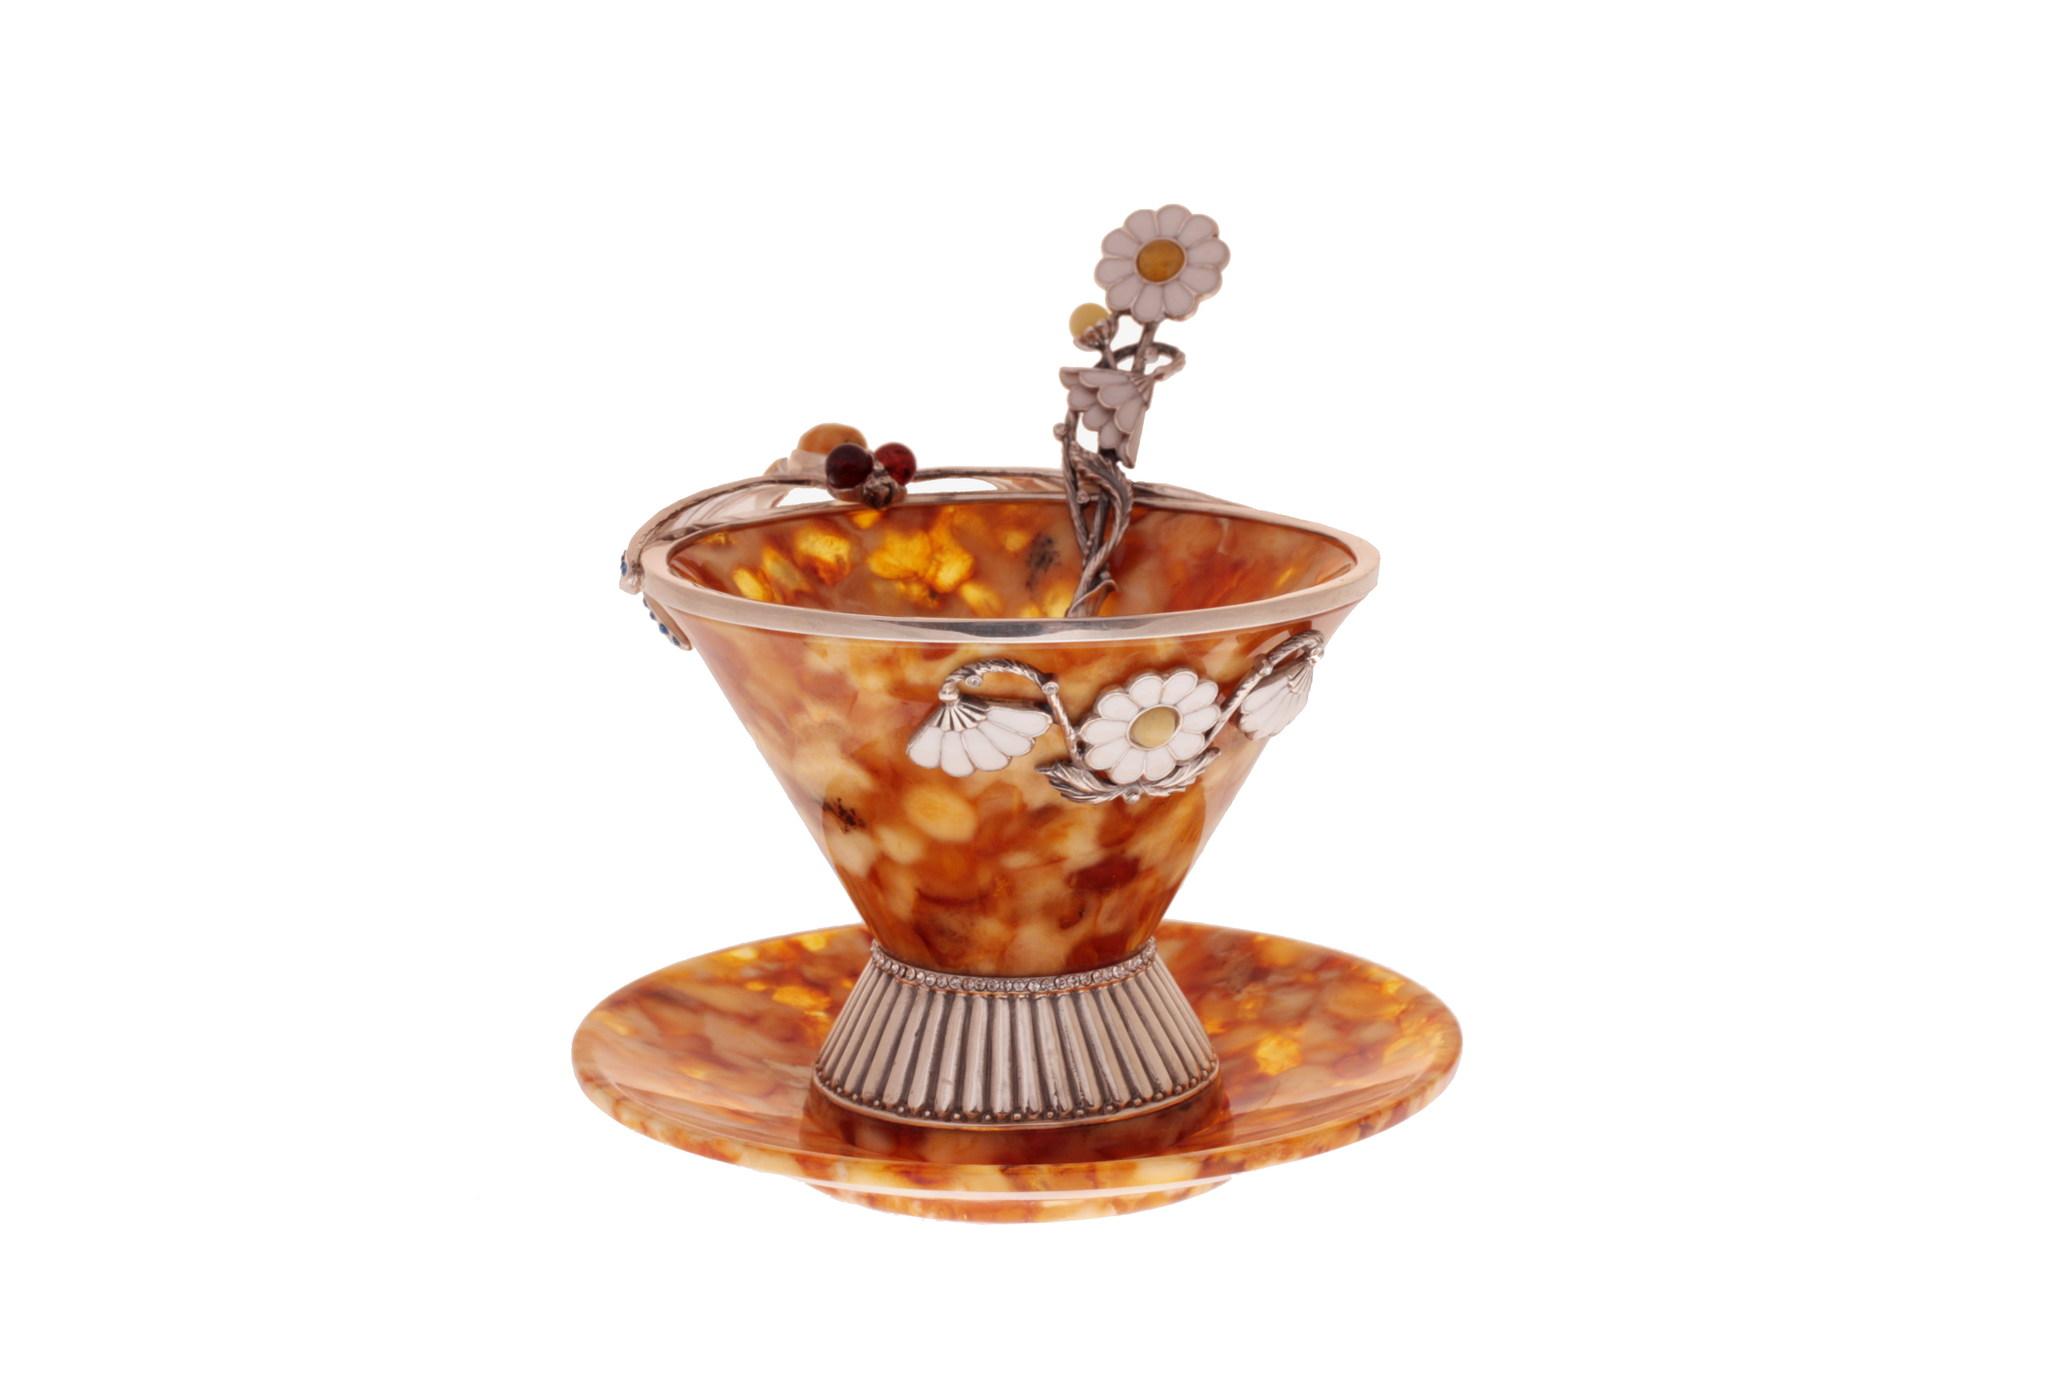 """Чайная янтарная чашечка в наборе с блюдцем и ложечкой, серия """"Летнее настроение"""" от 30 925 руб"""